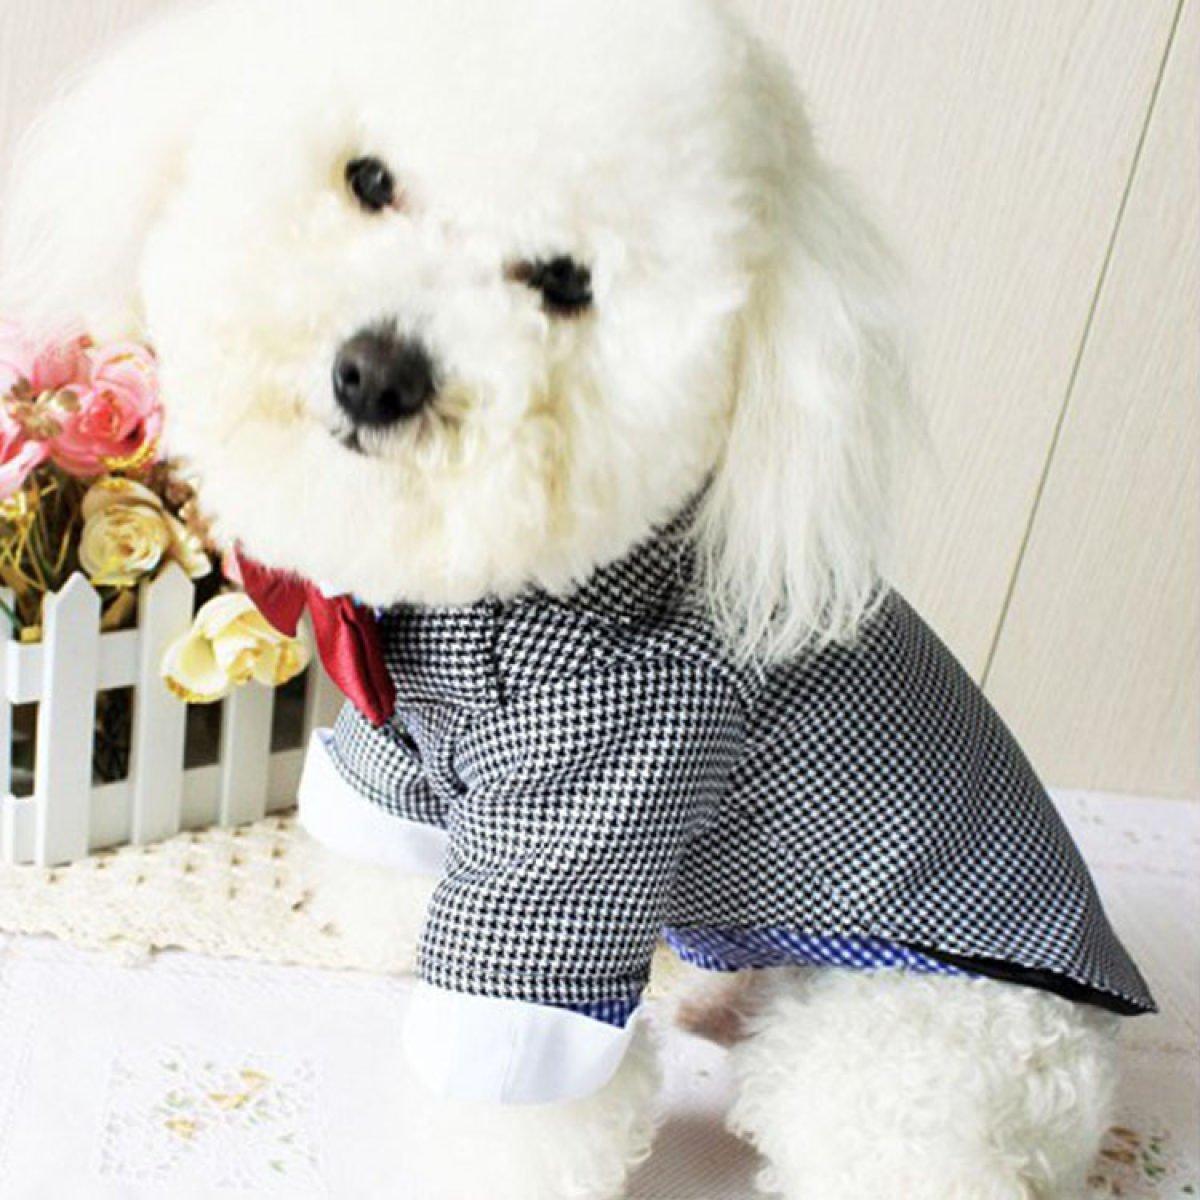 Dog WenL Camisas Camisas Gatos Mascotas Ropa Para Perros Perro Camisetas Del Perrito Ropa Para Perros Ropa De Perrito,L: Amazon.es: Deportes y aire libre